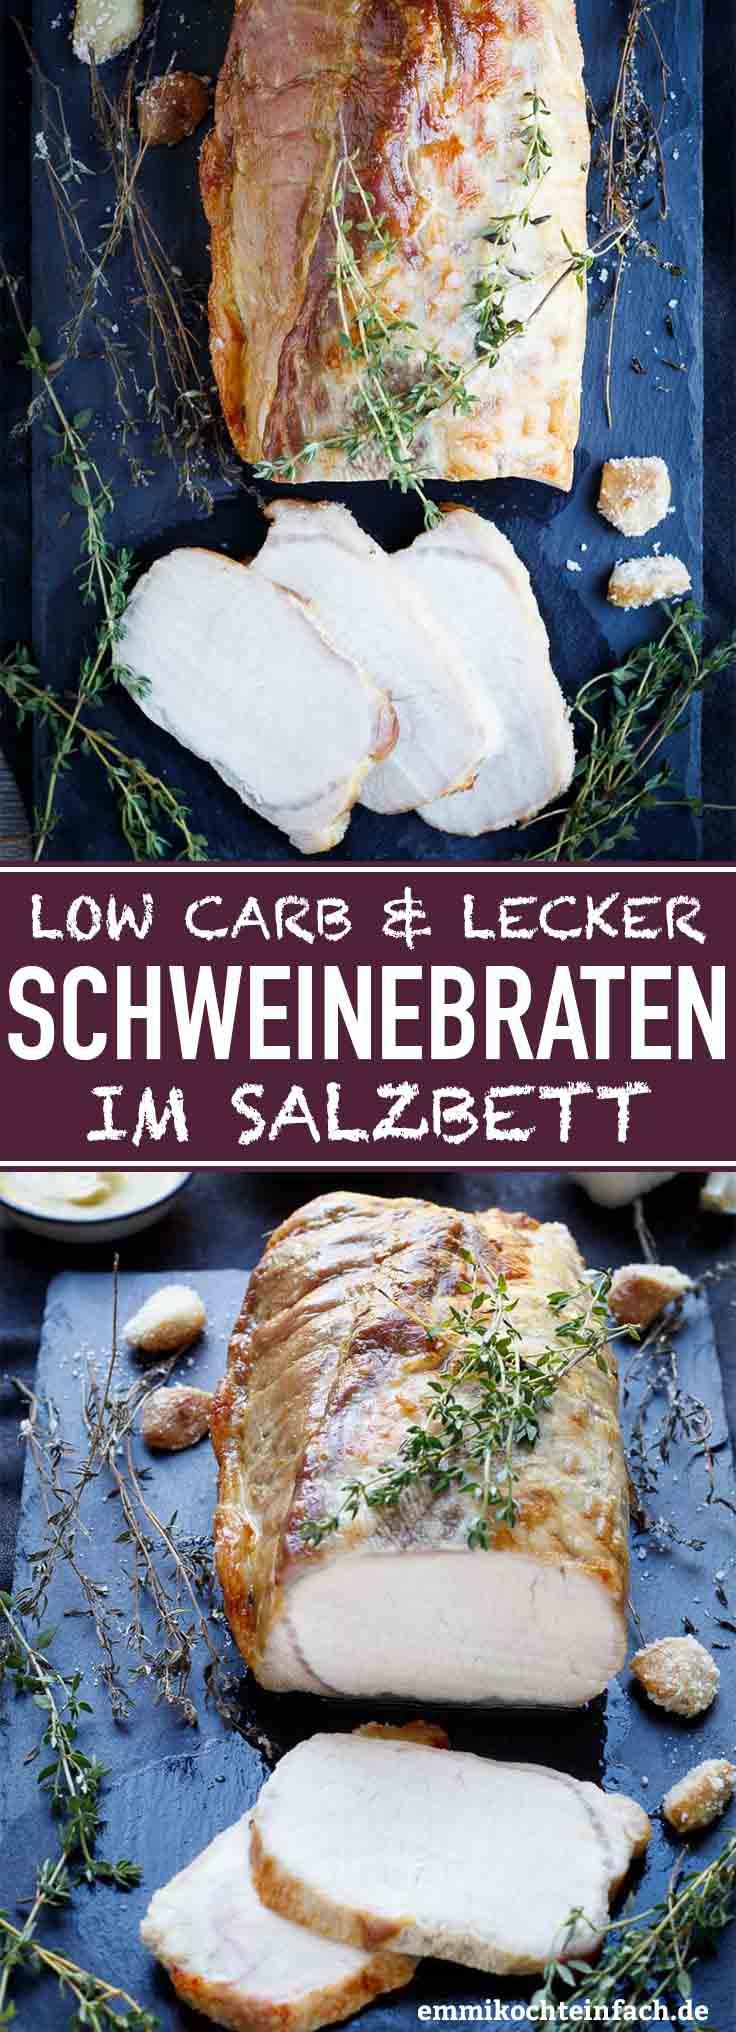 Schweinebraten im Salzbett - www.emmikochteinfach.de